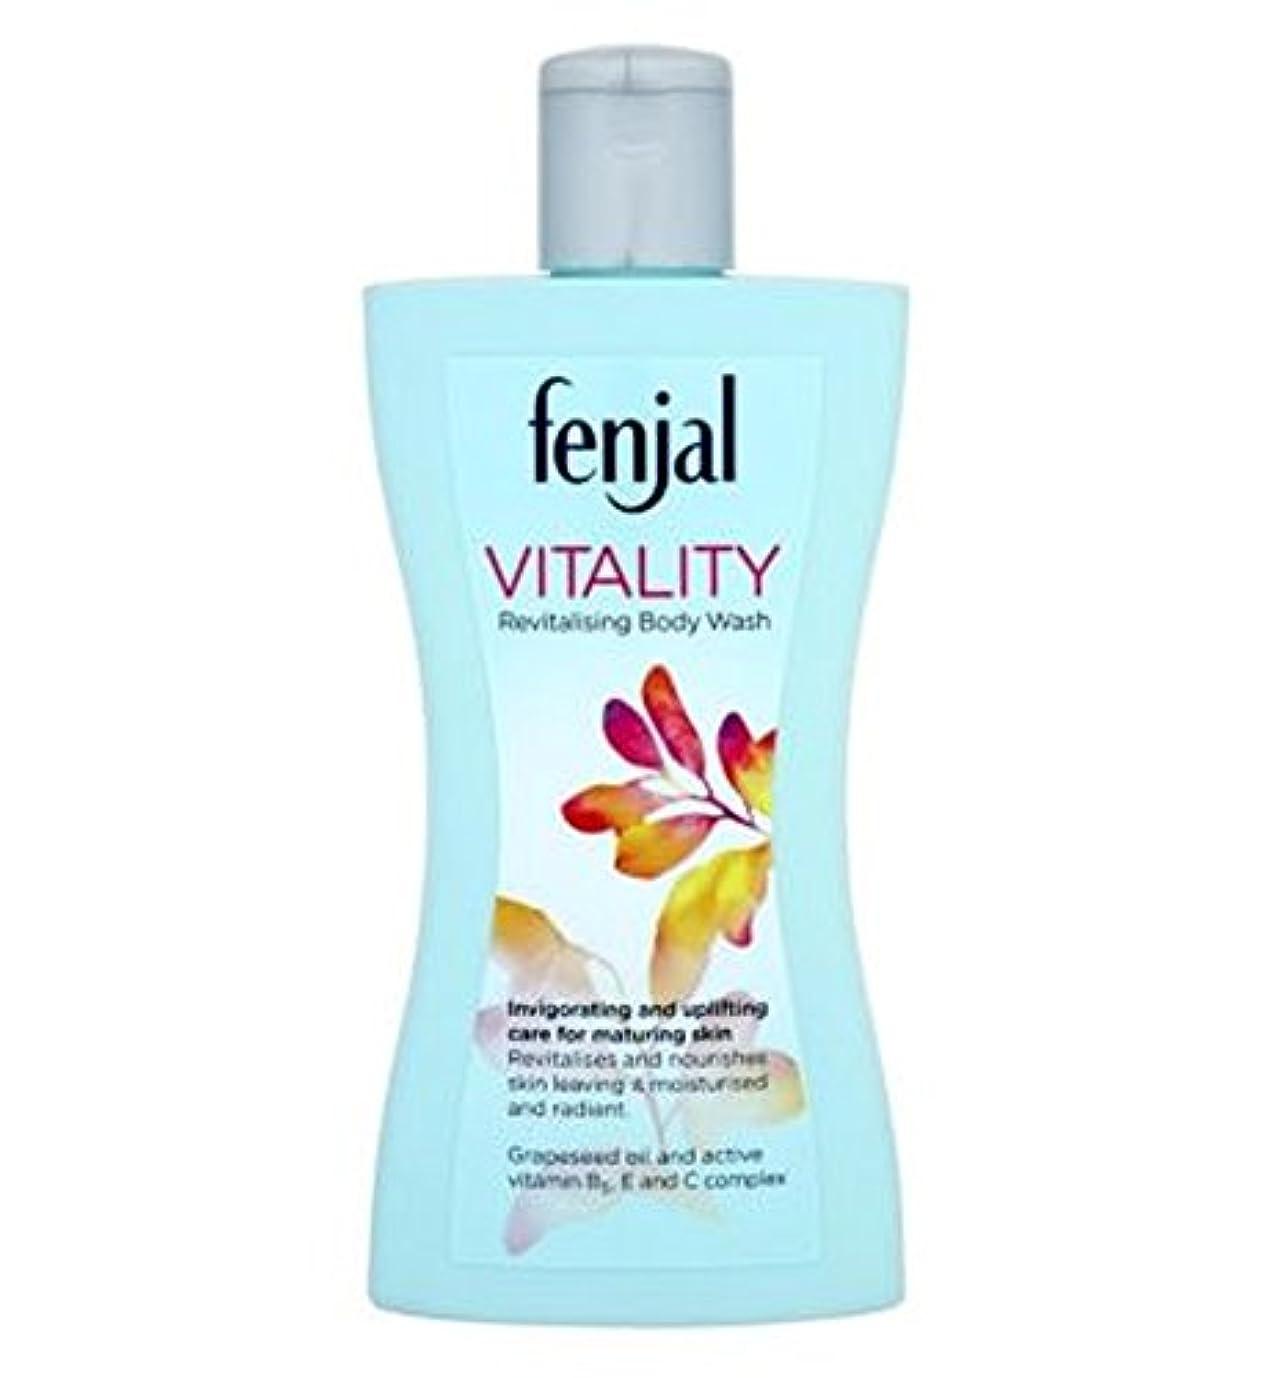 栄養の関連するFenjal Vitality revitalising Body Wash - Fenjal活力活性化ボディウォッシュ (Fenjal) [並行輸入品]